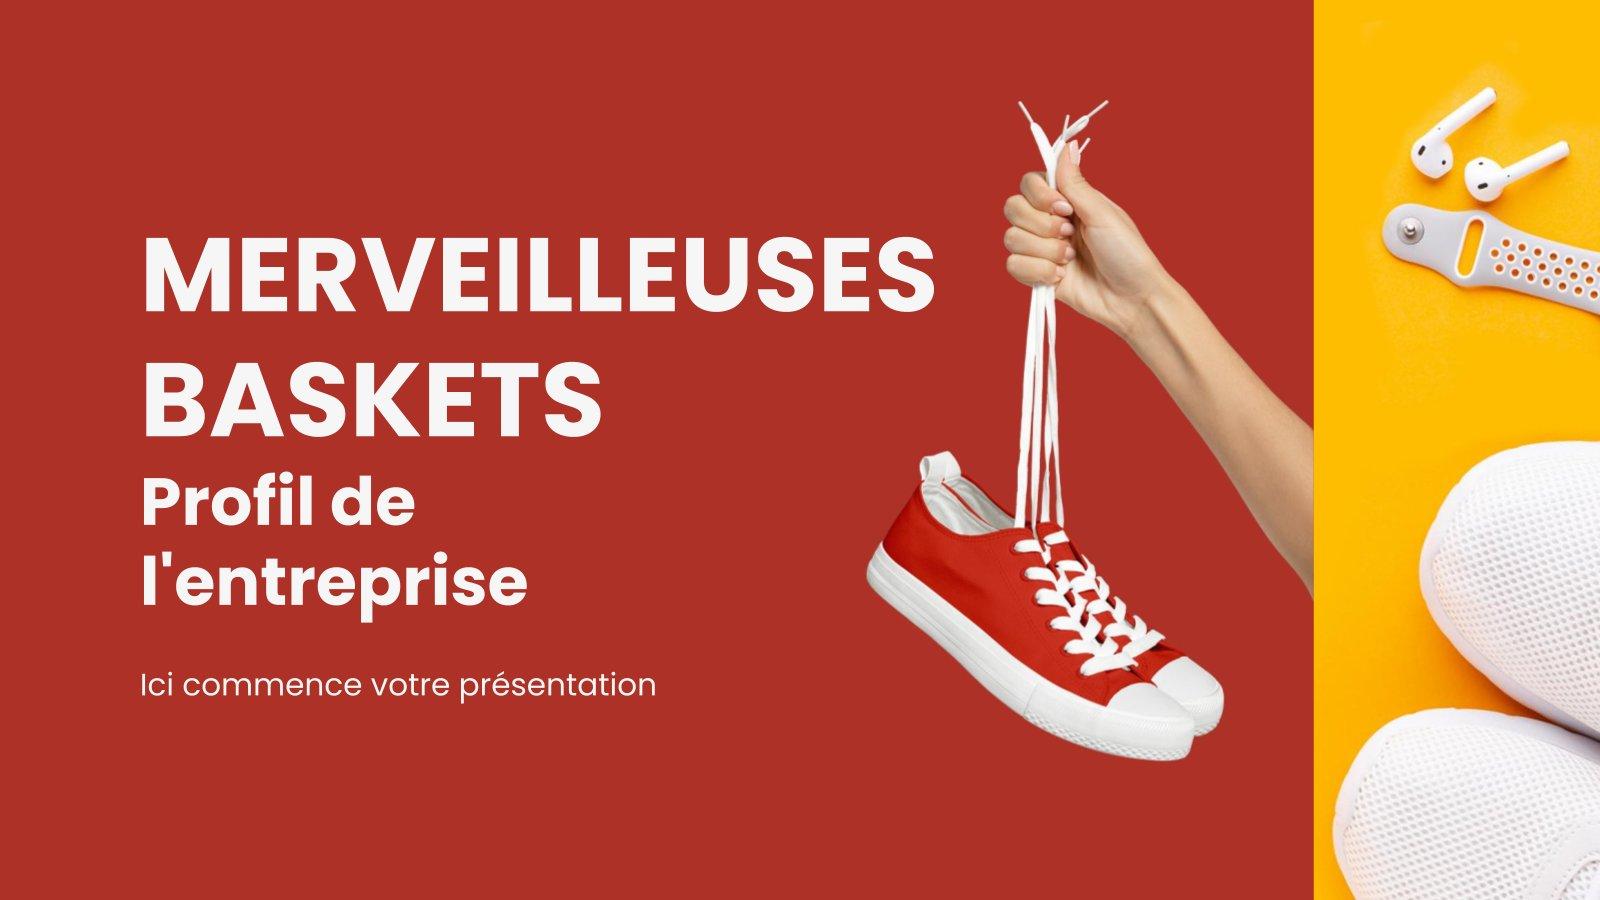 Merveilleuses Baskets - Profil de L'entreprise : Modèles de présentation